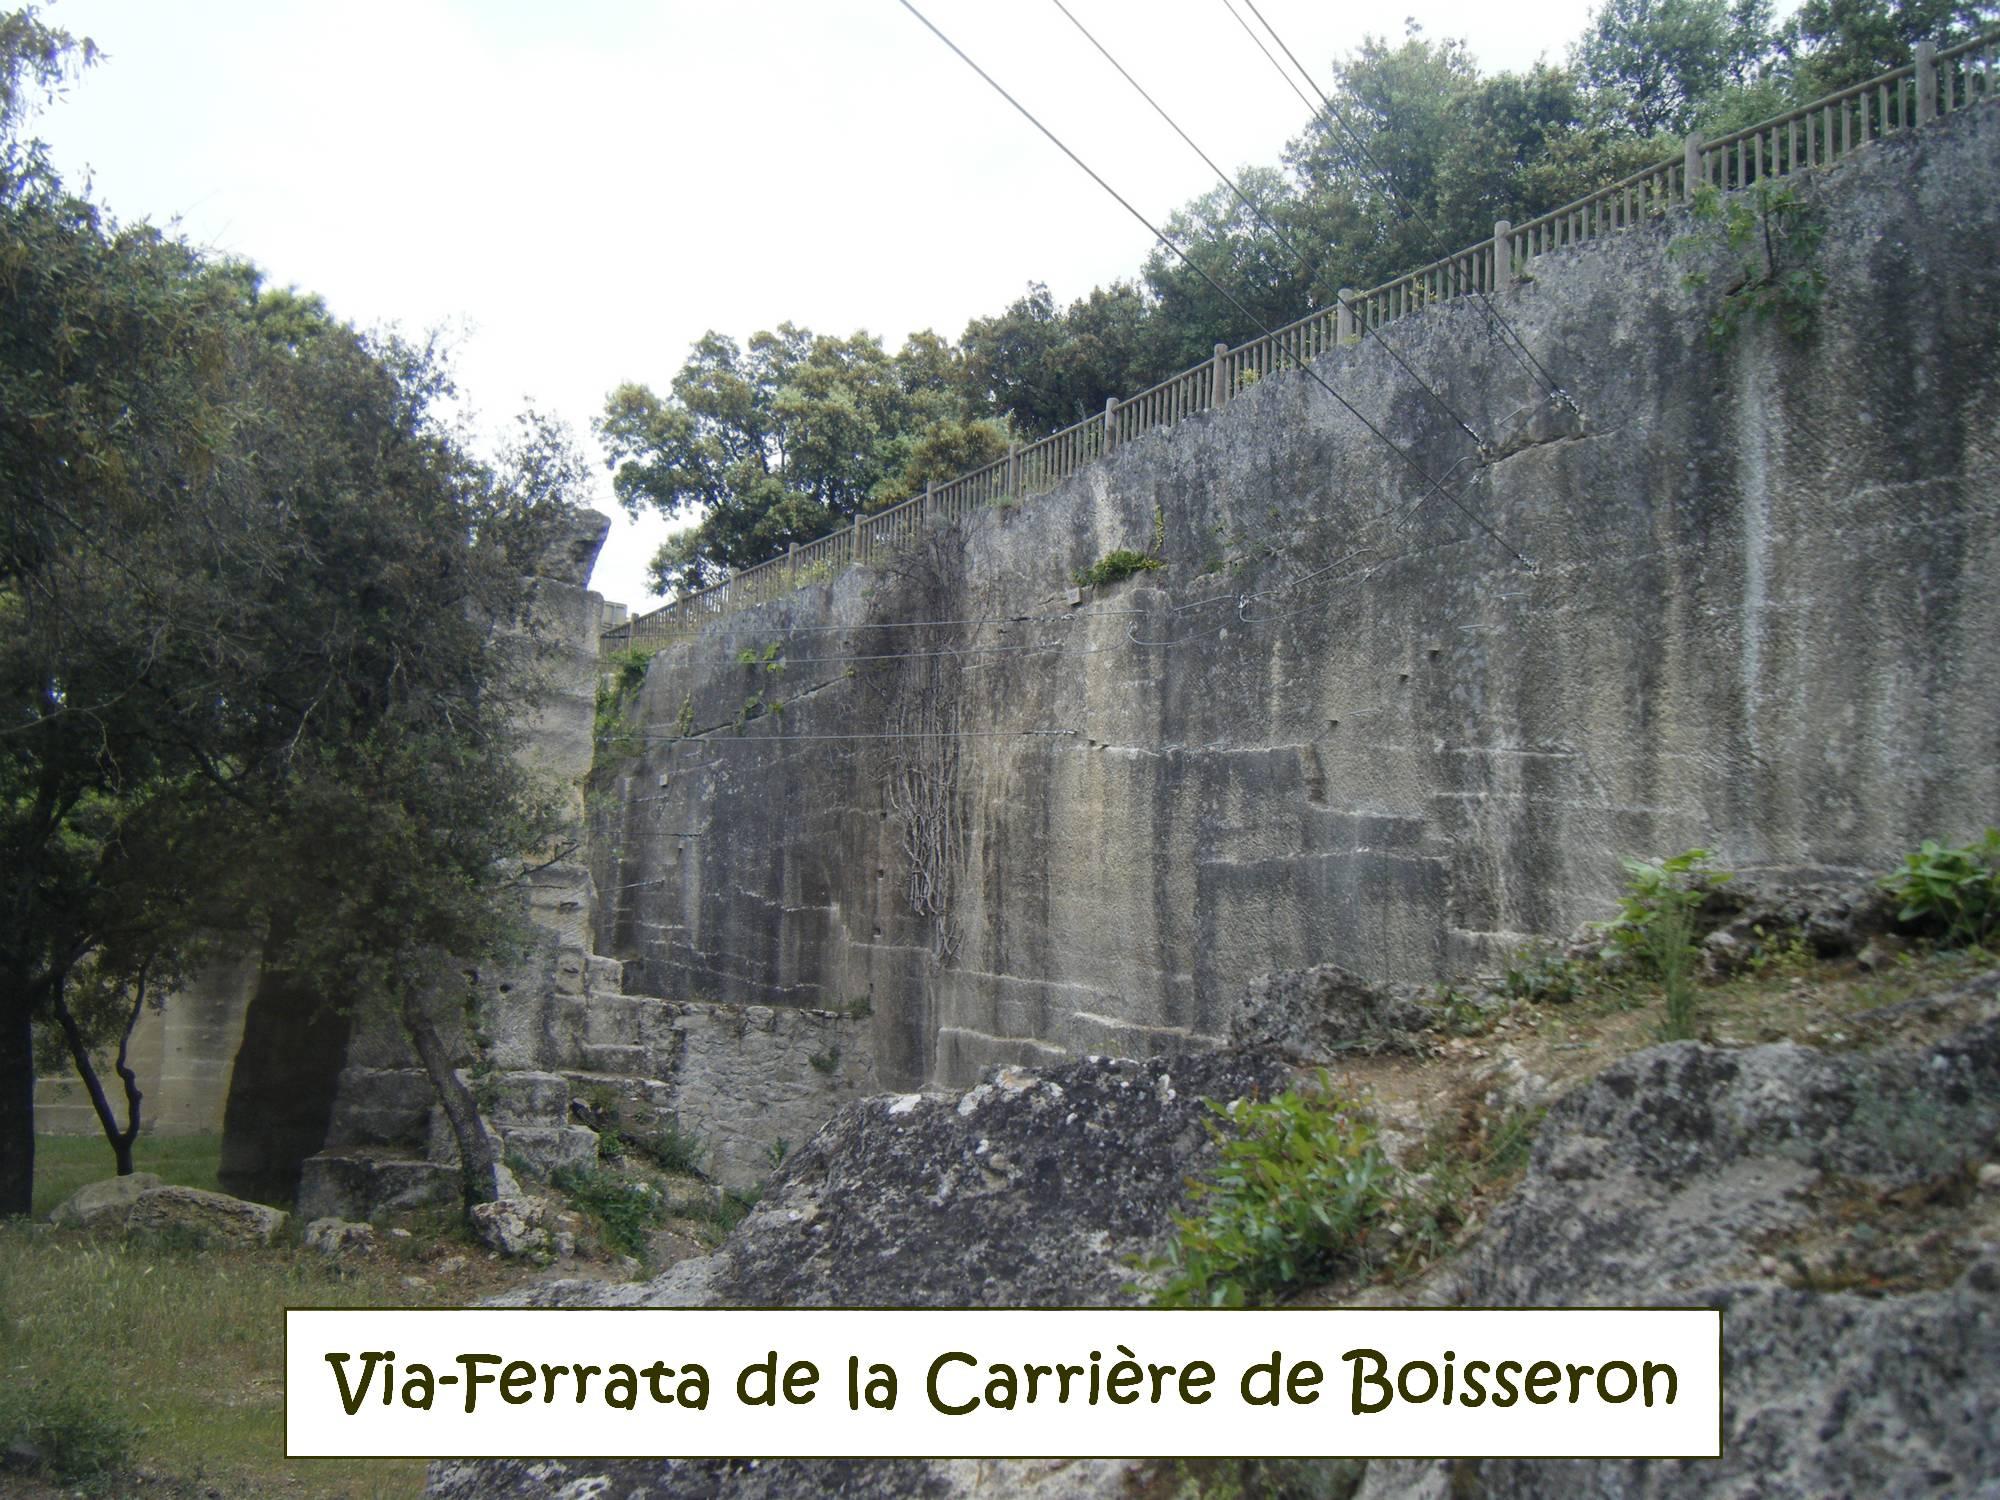 Via Ferrata de la Carrière de Boisseron